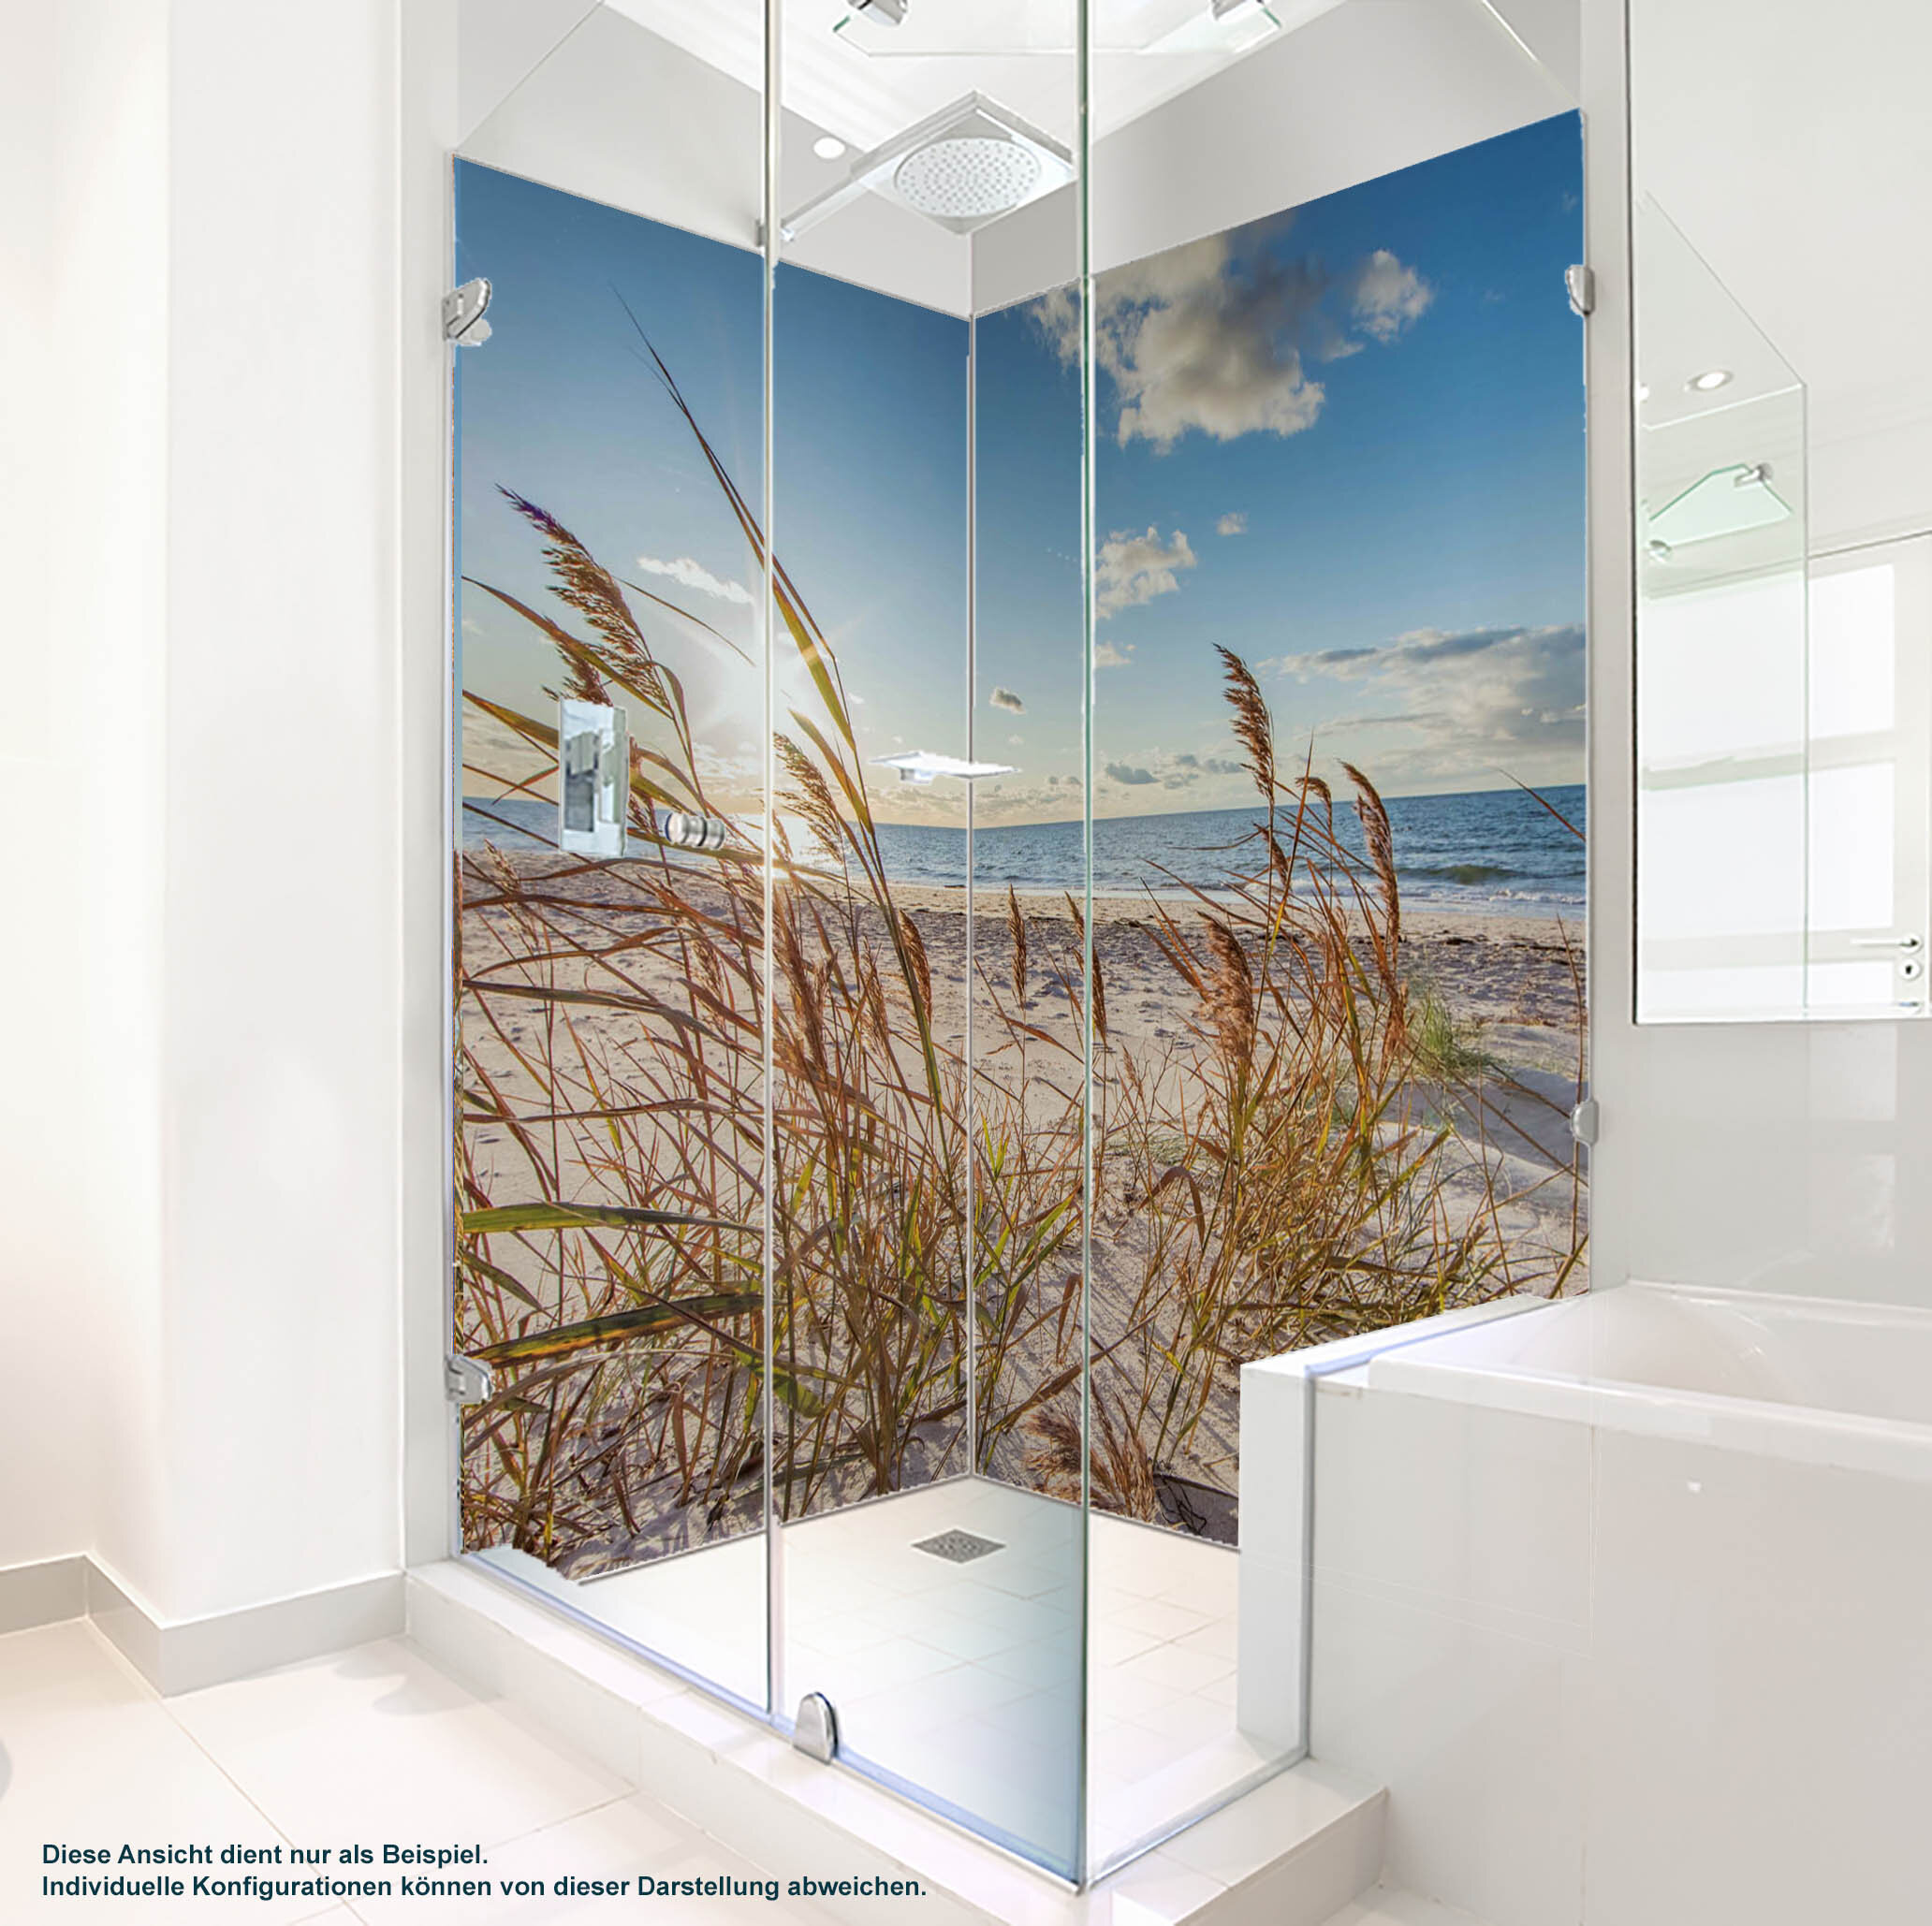 Dusche PlateART Duschrückwand mit Motiv Strand und Meer Ostsee